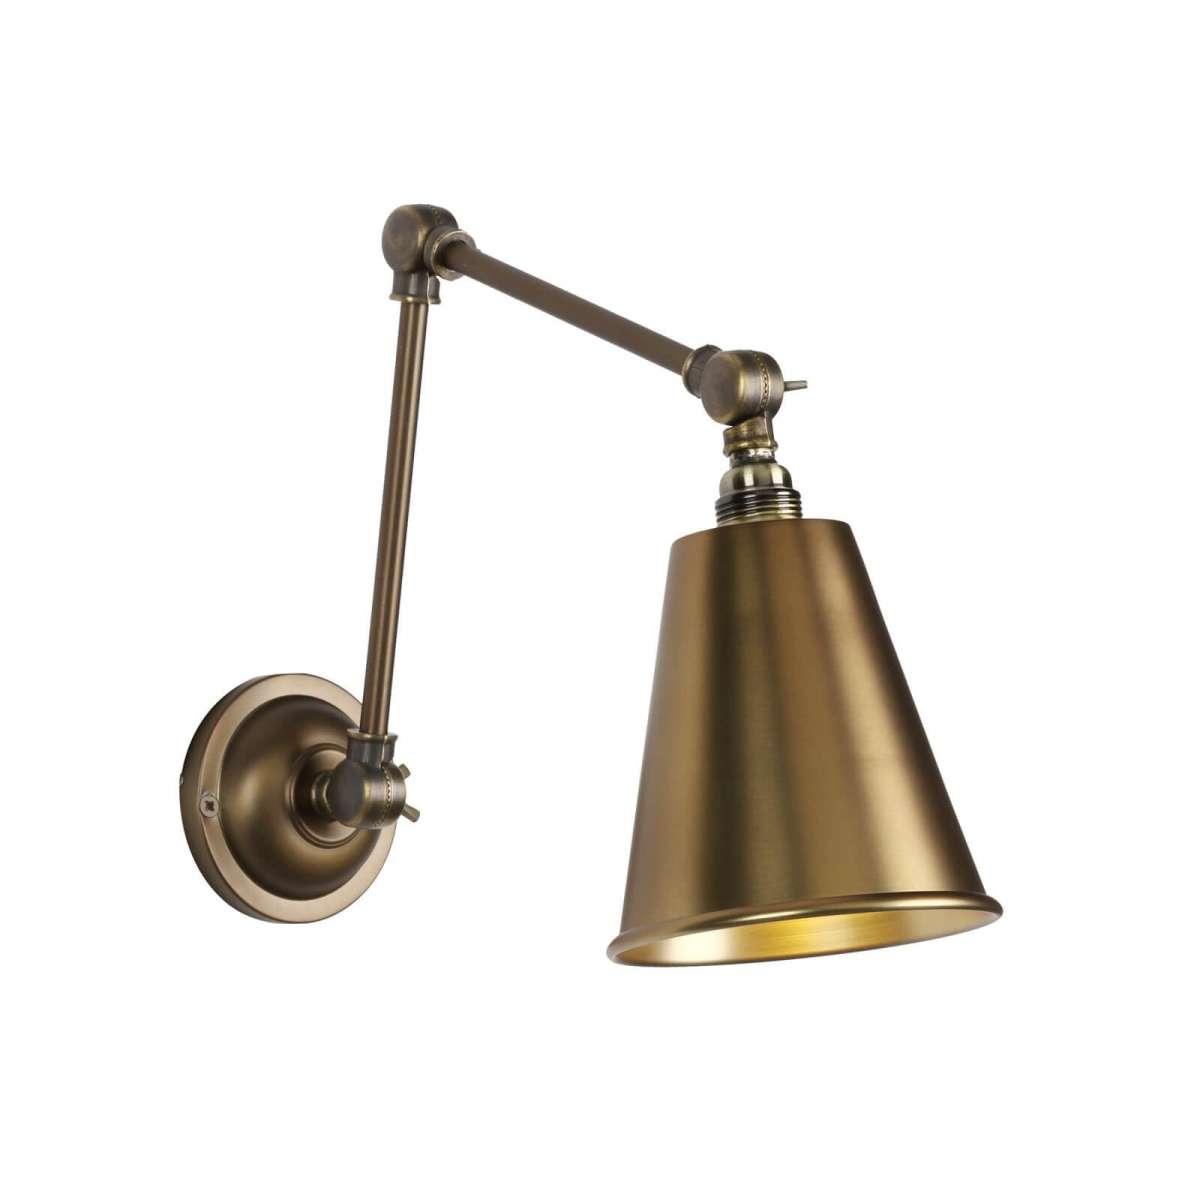 Hackney Wall Light Antique Brass